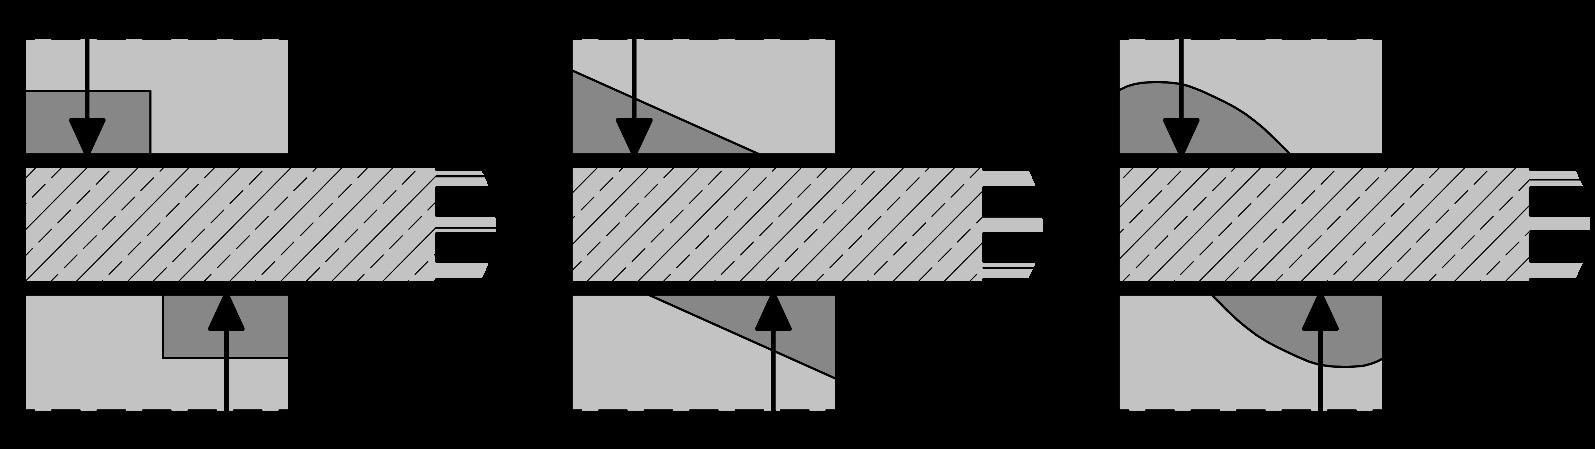 Ansätze zur Spannungsverteilung im Wand-Decken-Knoten